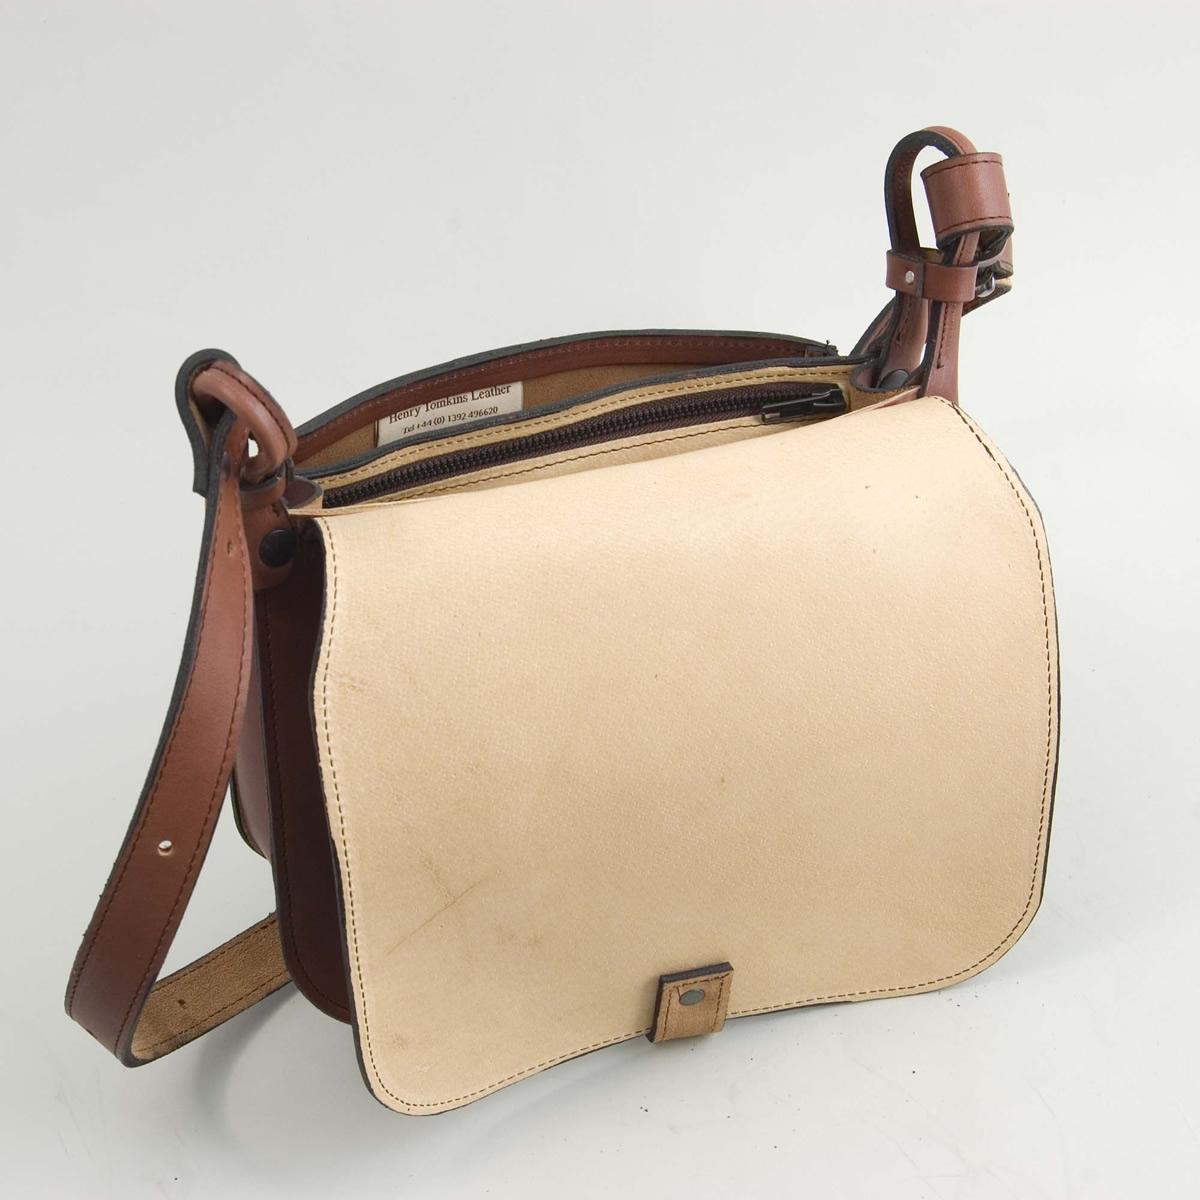 The Hunter Bag - Inside